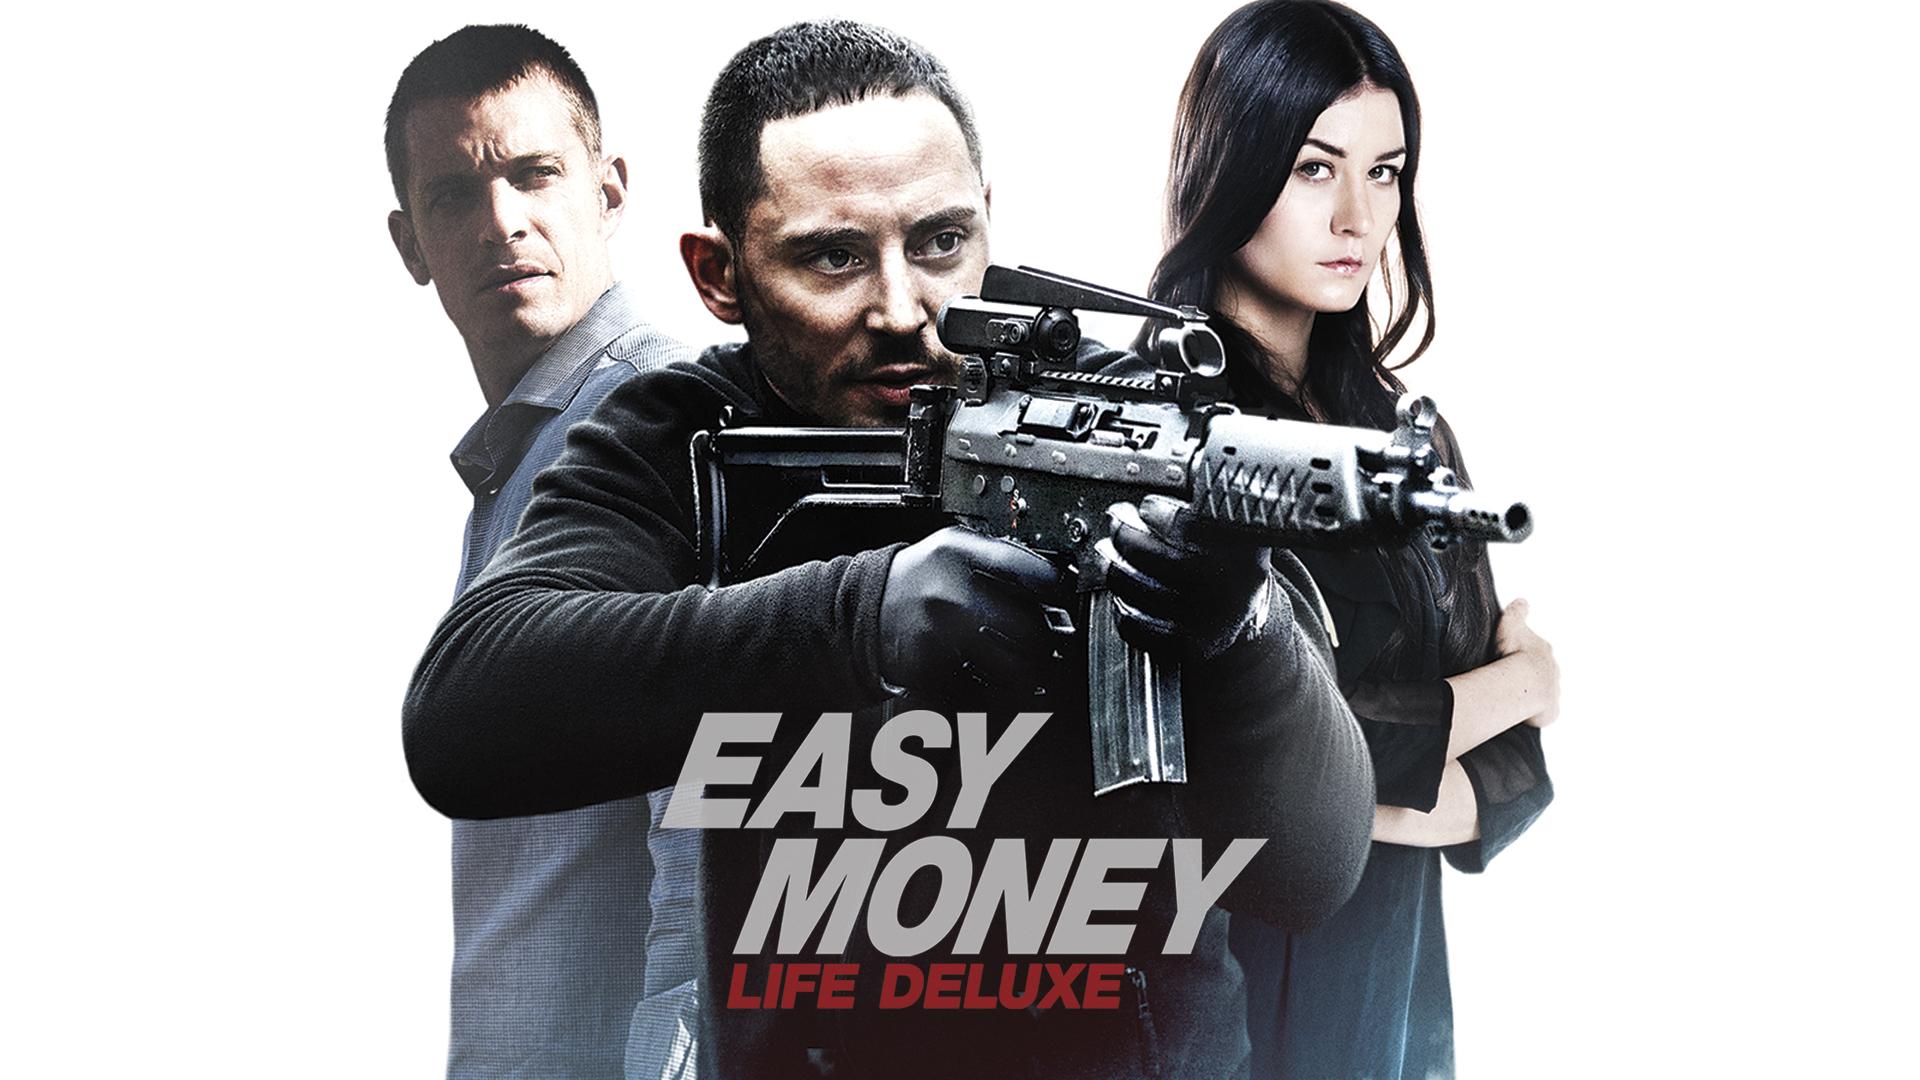 Easy Money: Life Deluxe